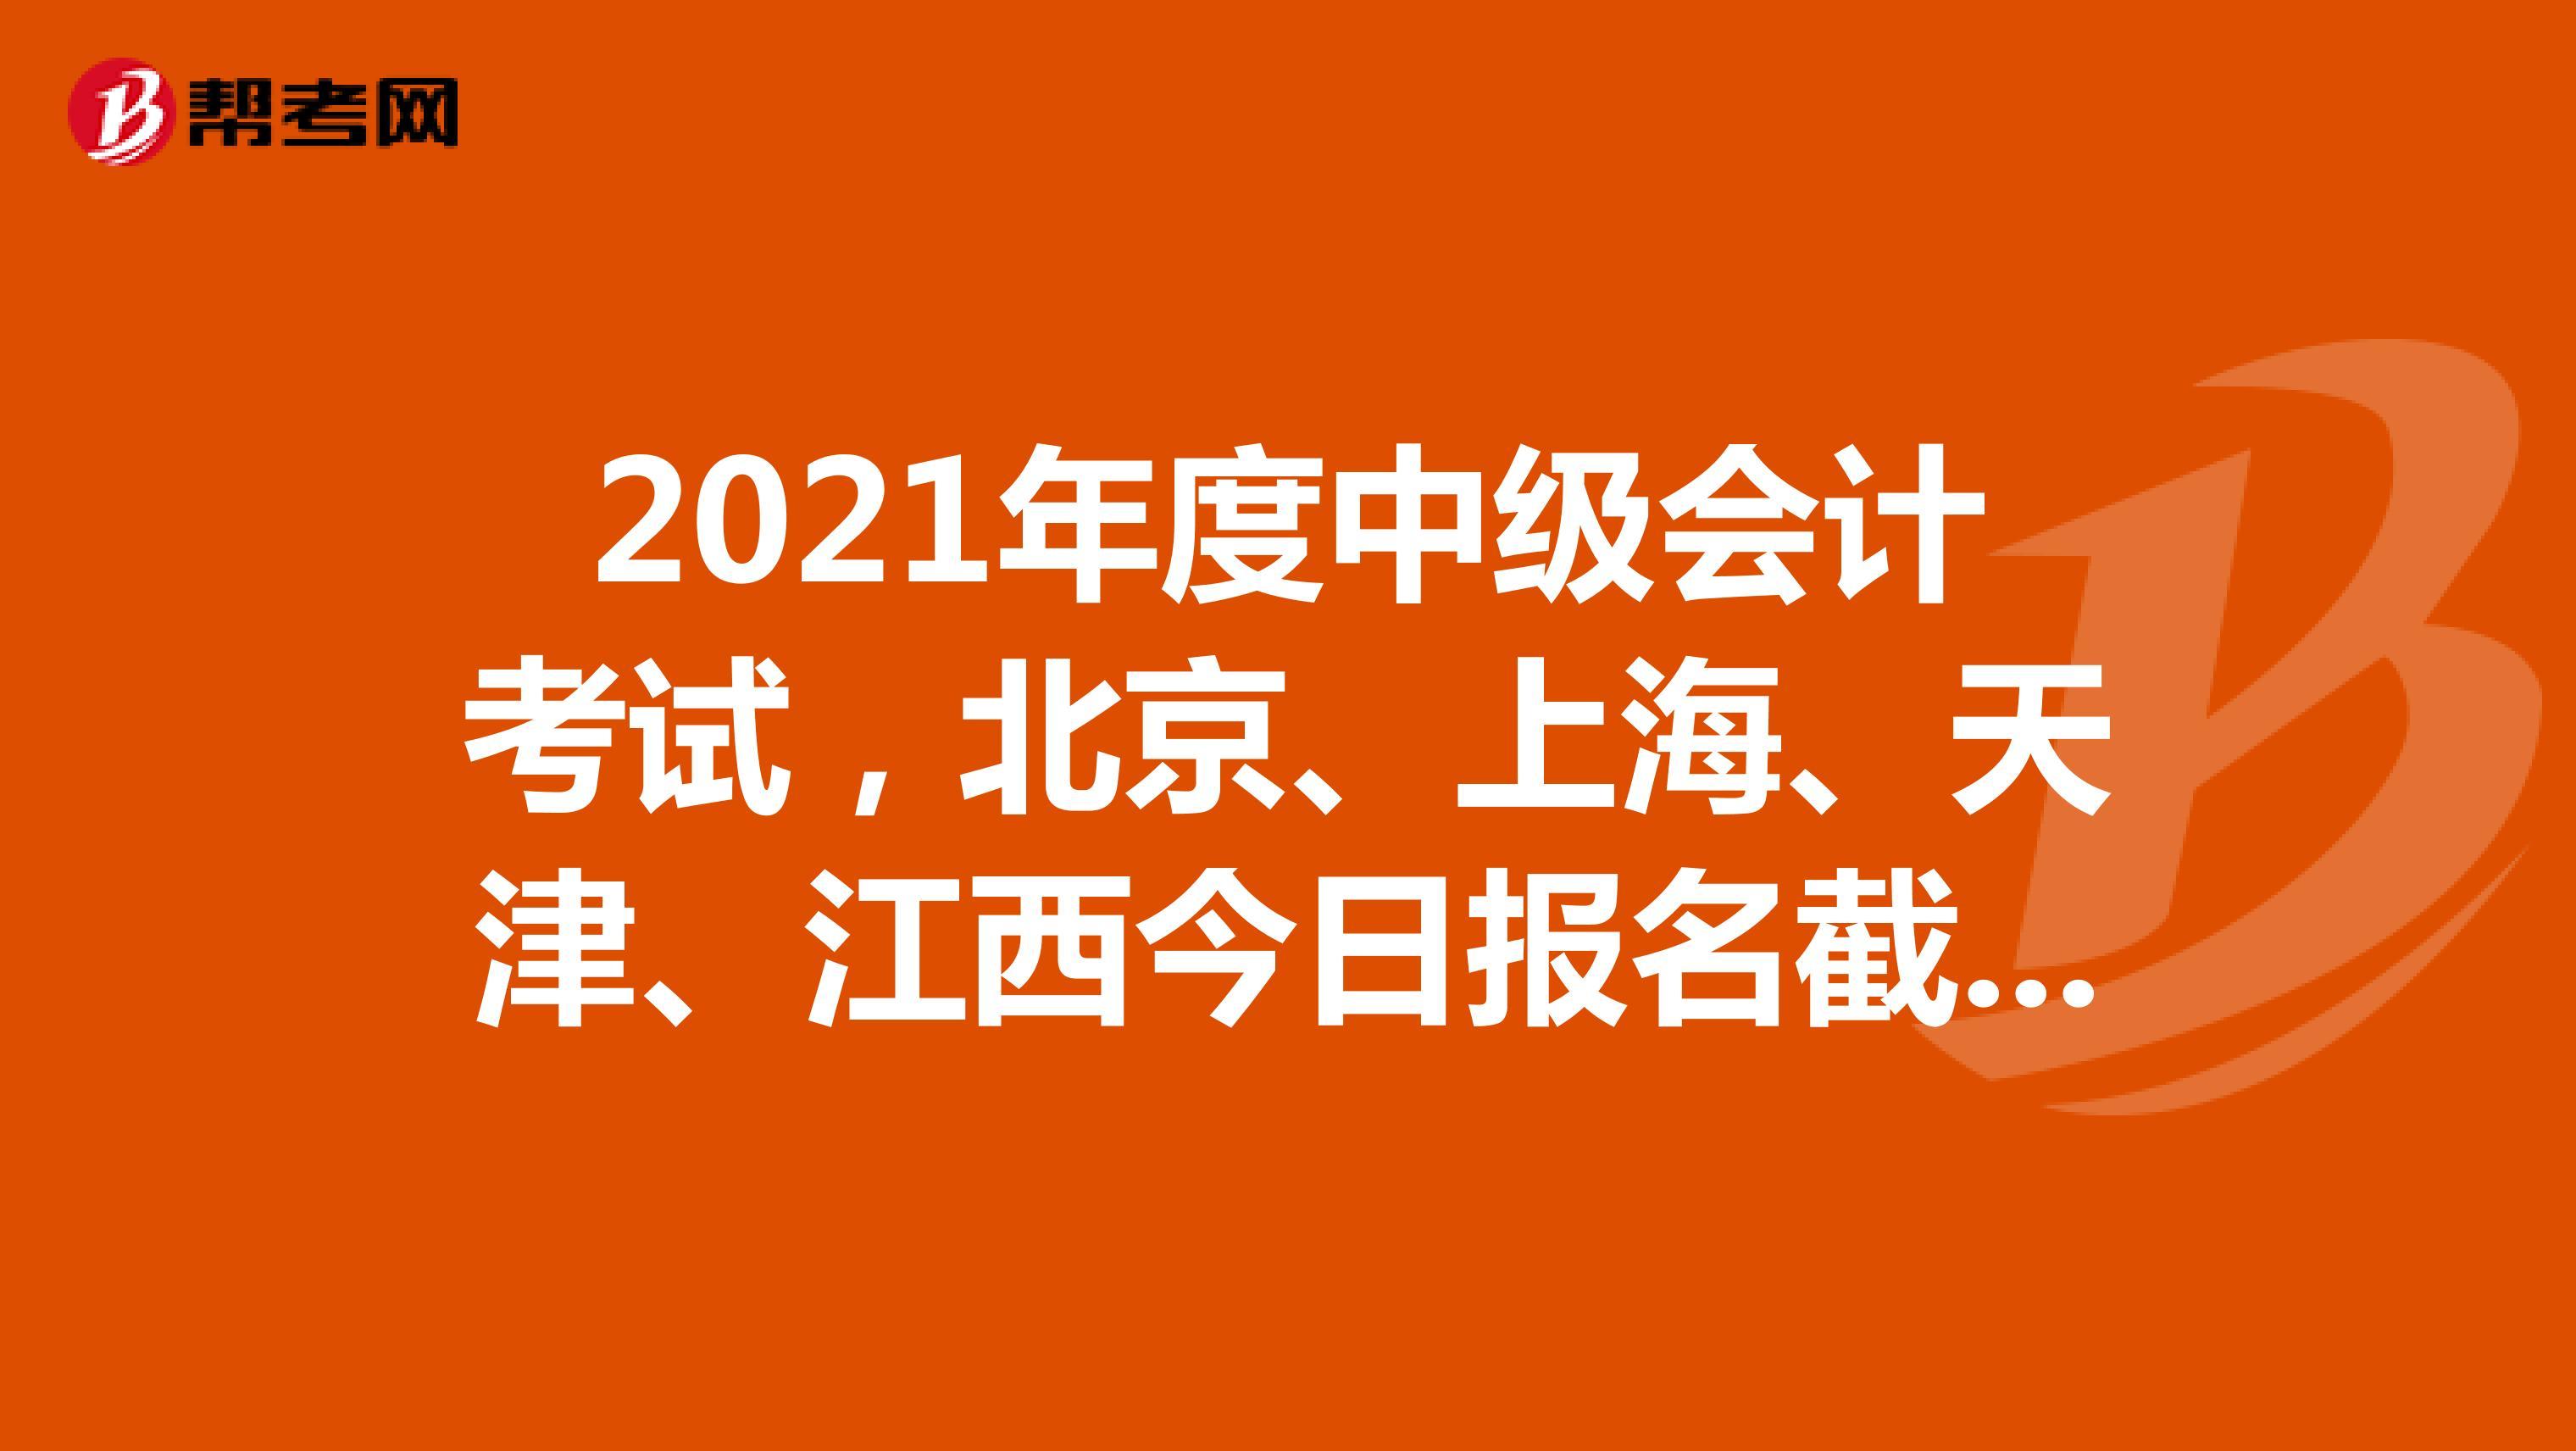 2021年度中级会计考试,北京、上海、天津、江西今日报名截止!